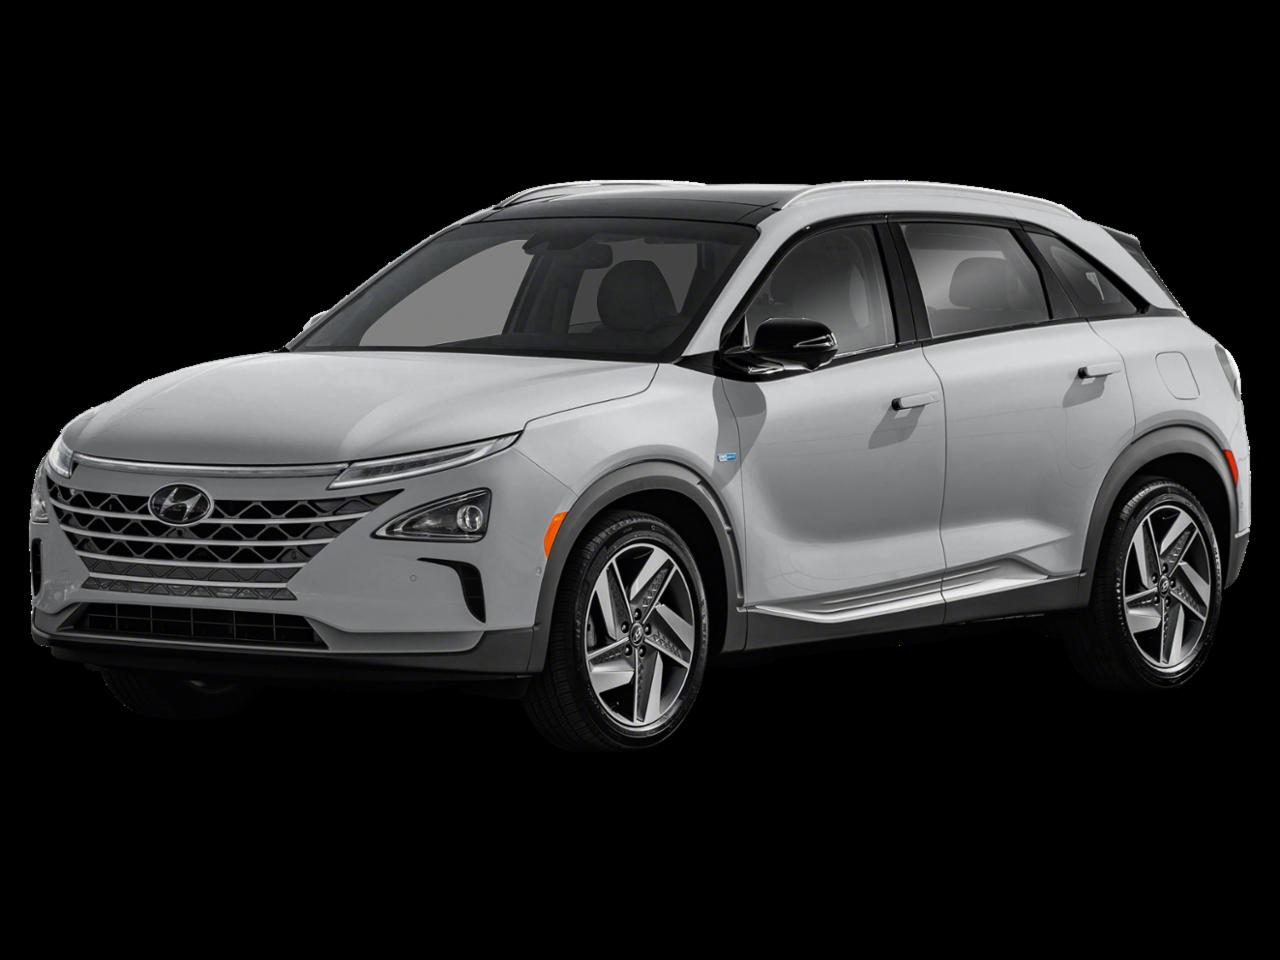 Hyundai 2019 NEXO Limited